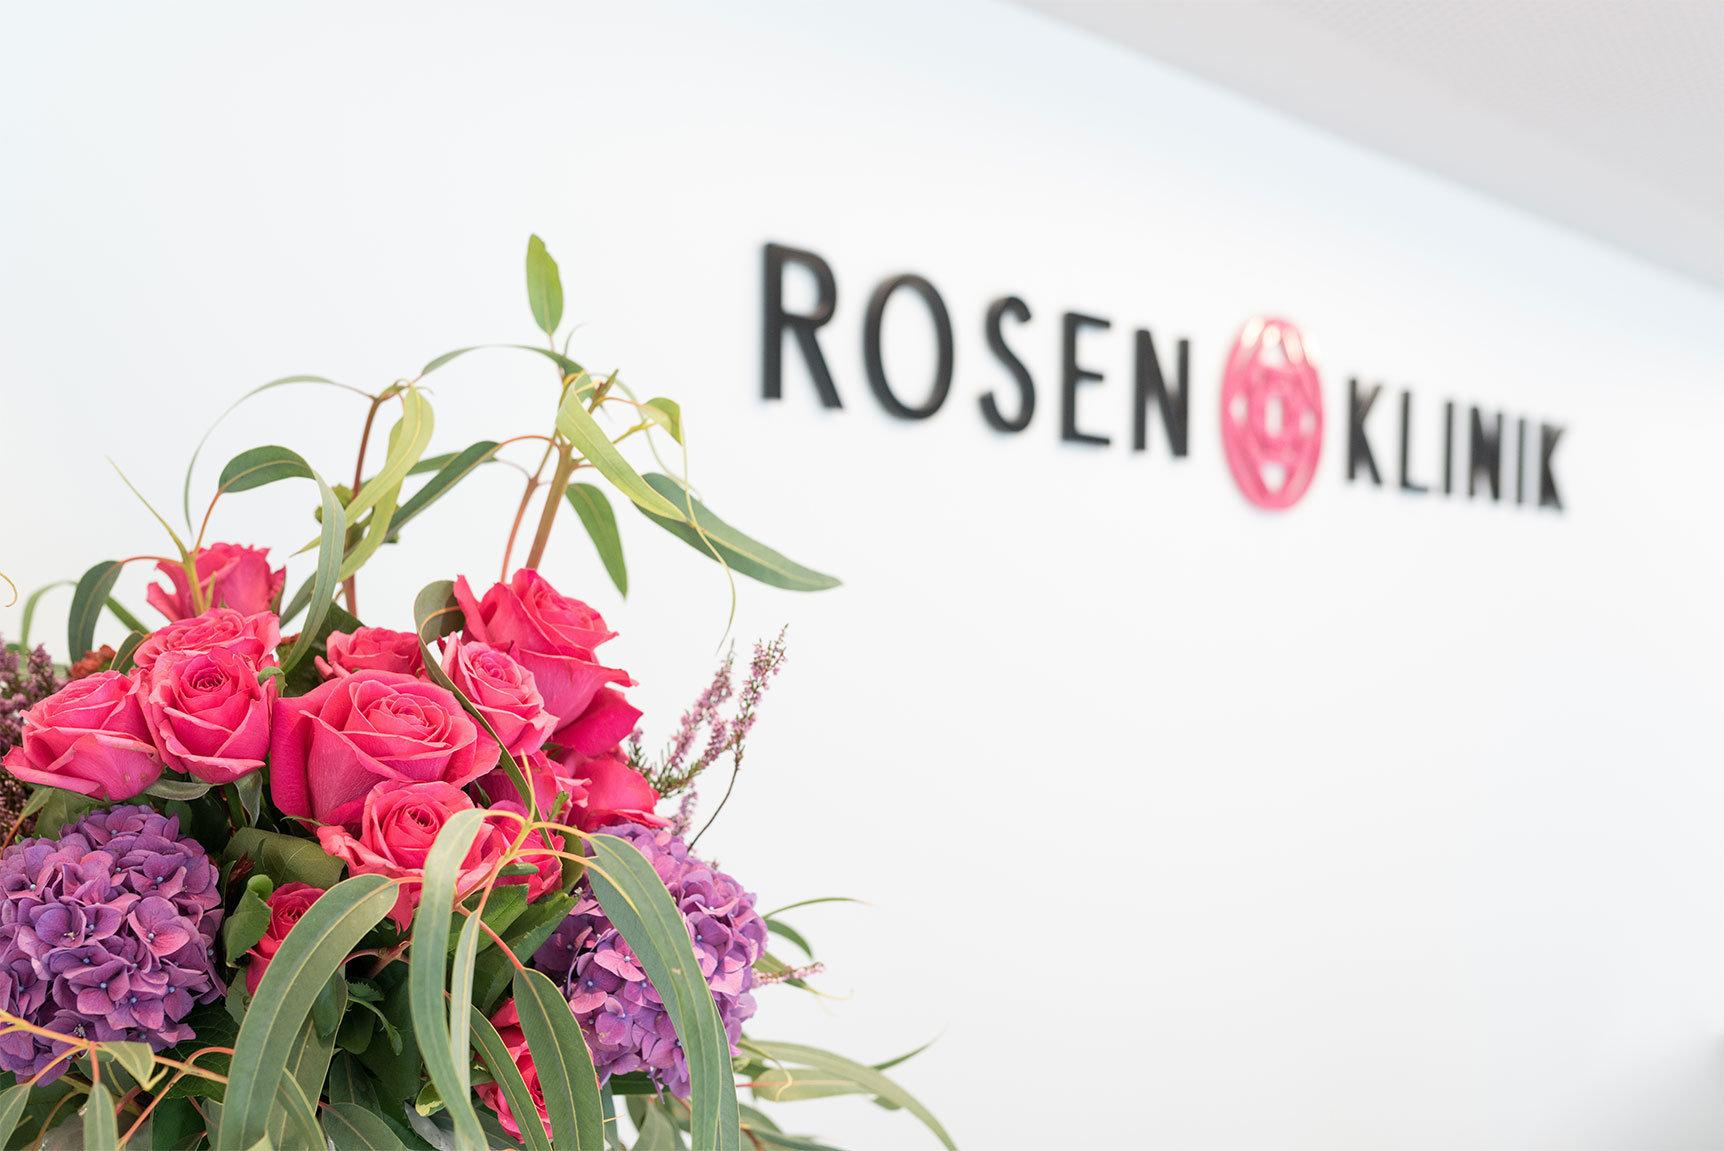 Rosenklinik AG